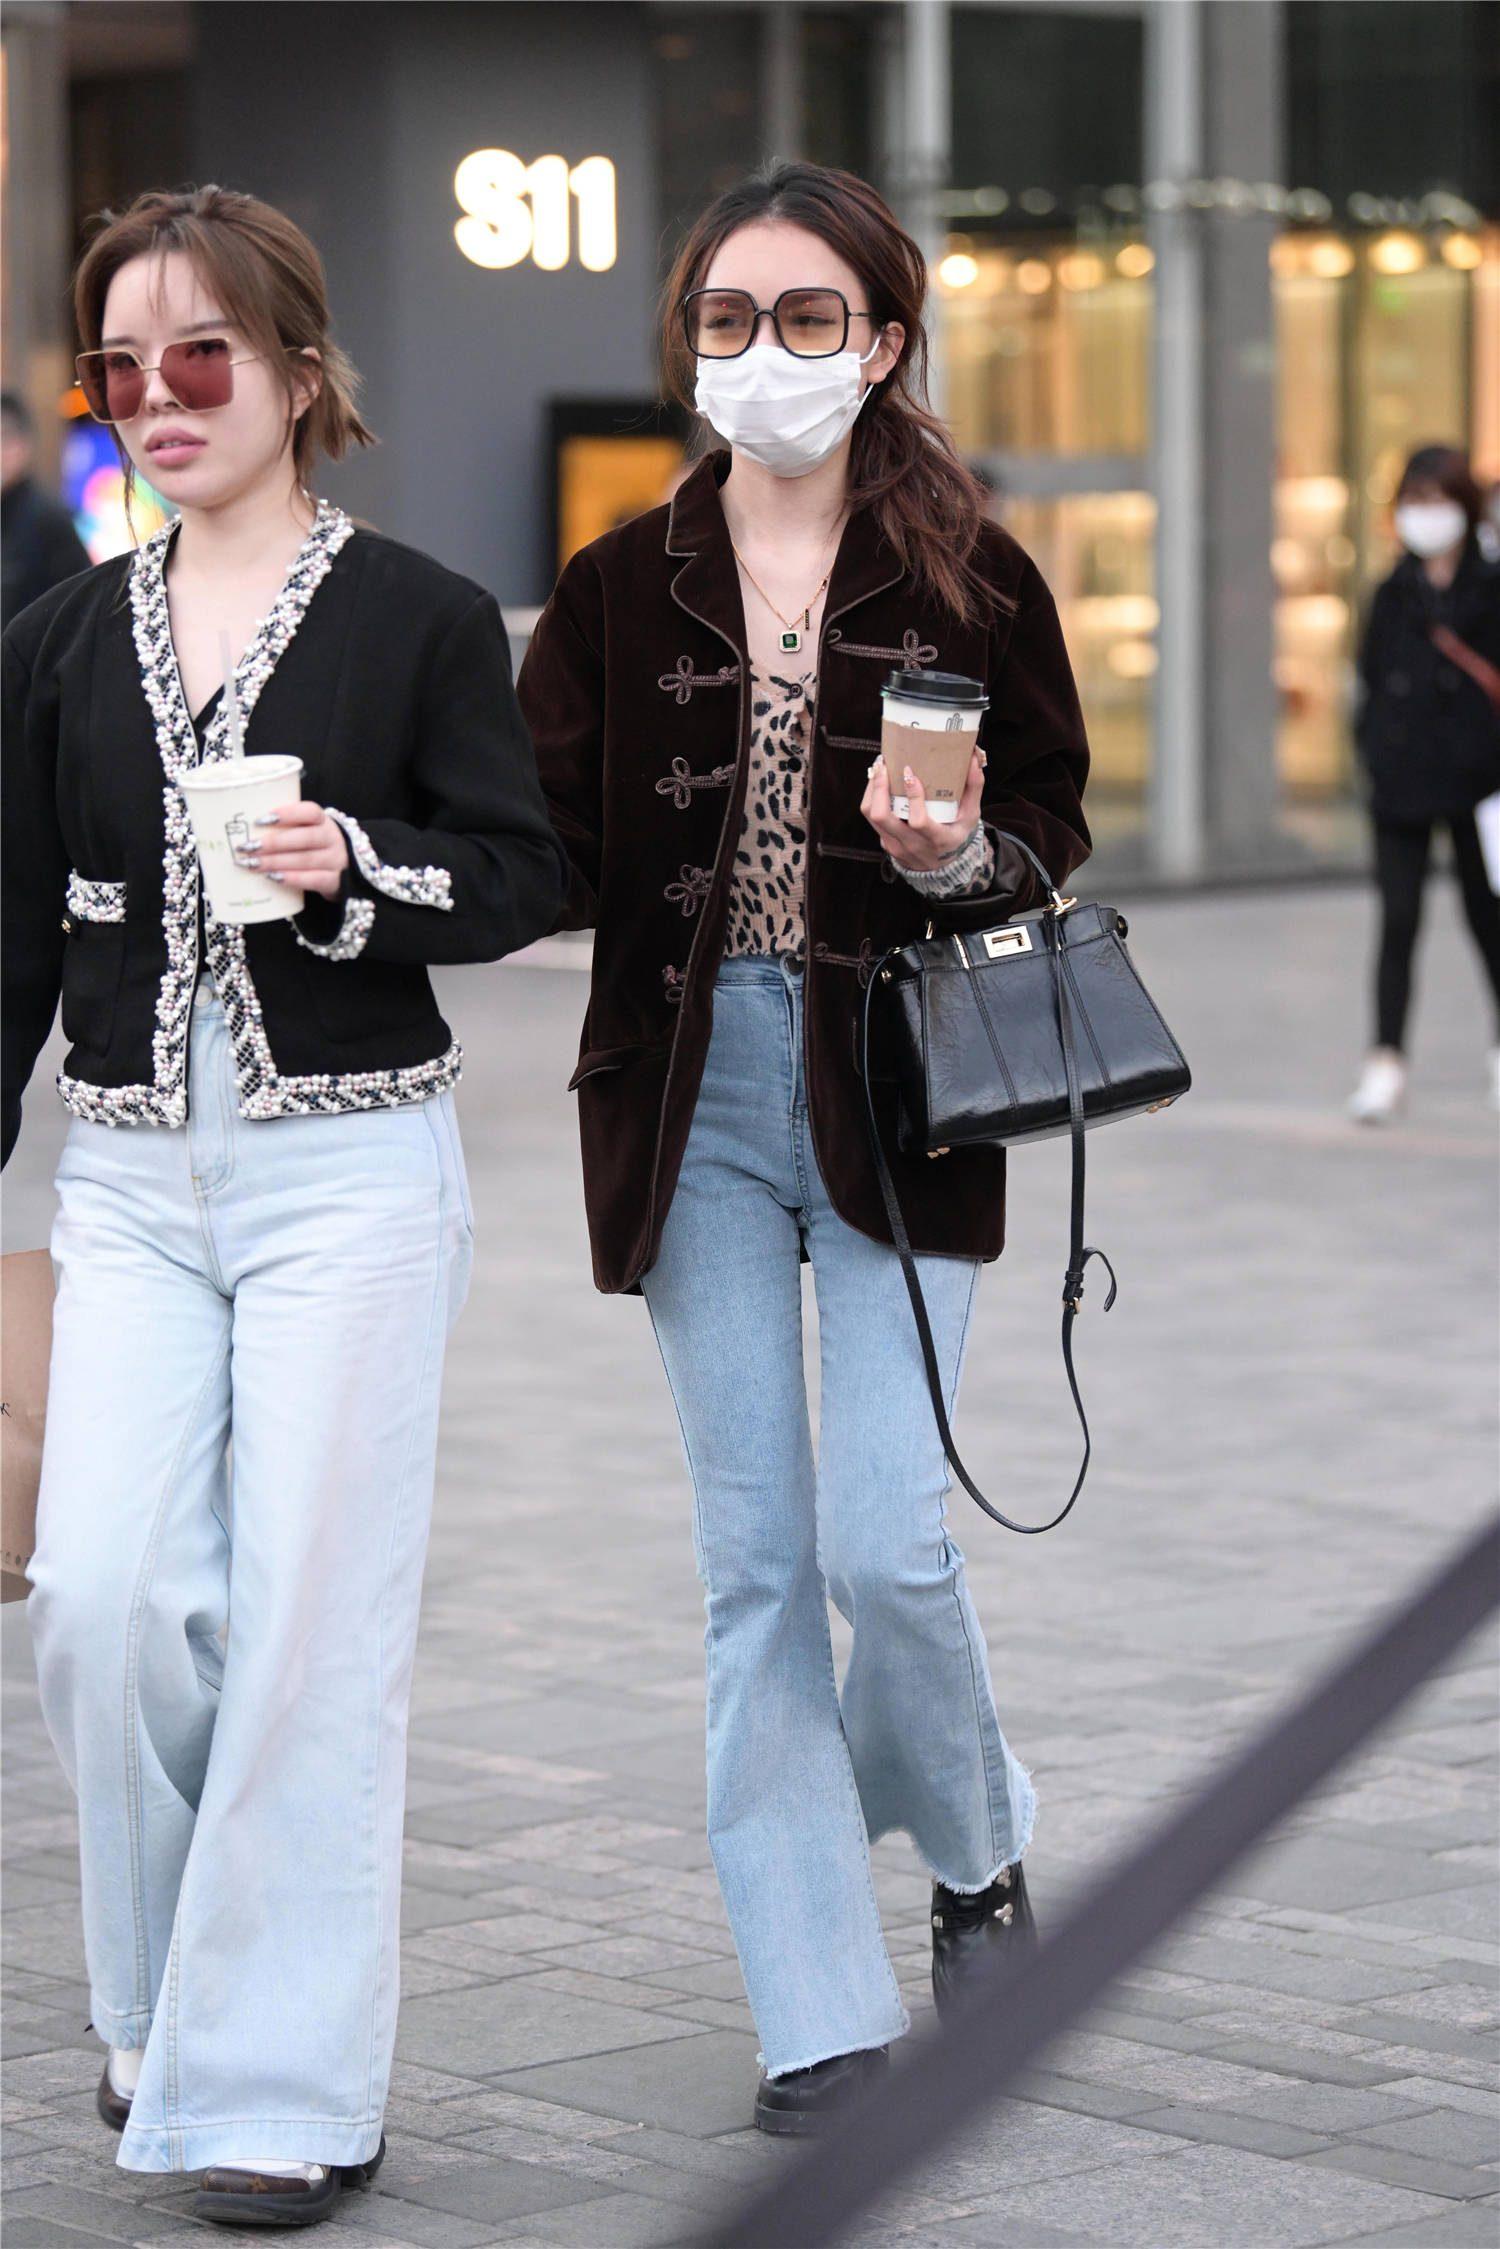 初冬时节约上姐妹一起出门,搭配有点难呢?要保暖,还要时尚